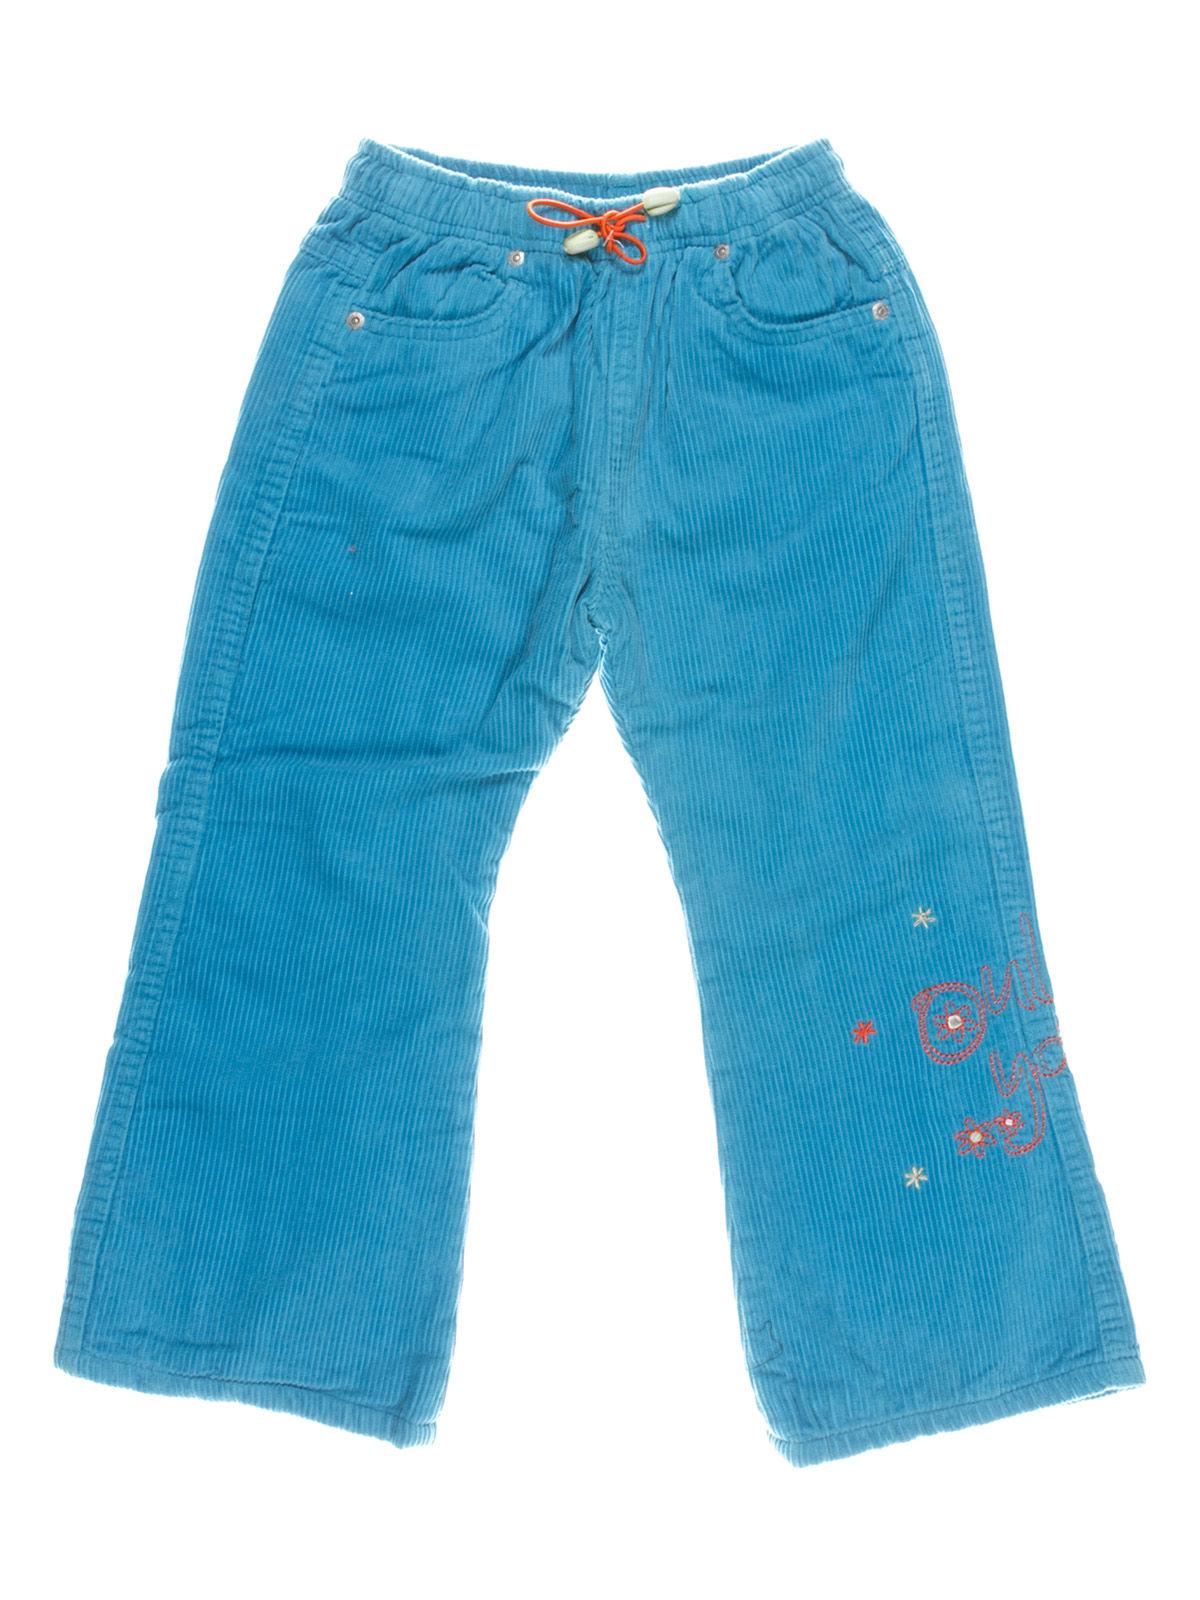 Брюки голубые с вышивкой | 1364783